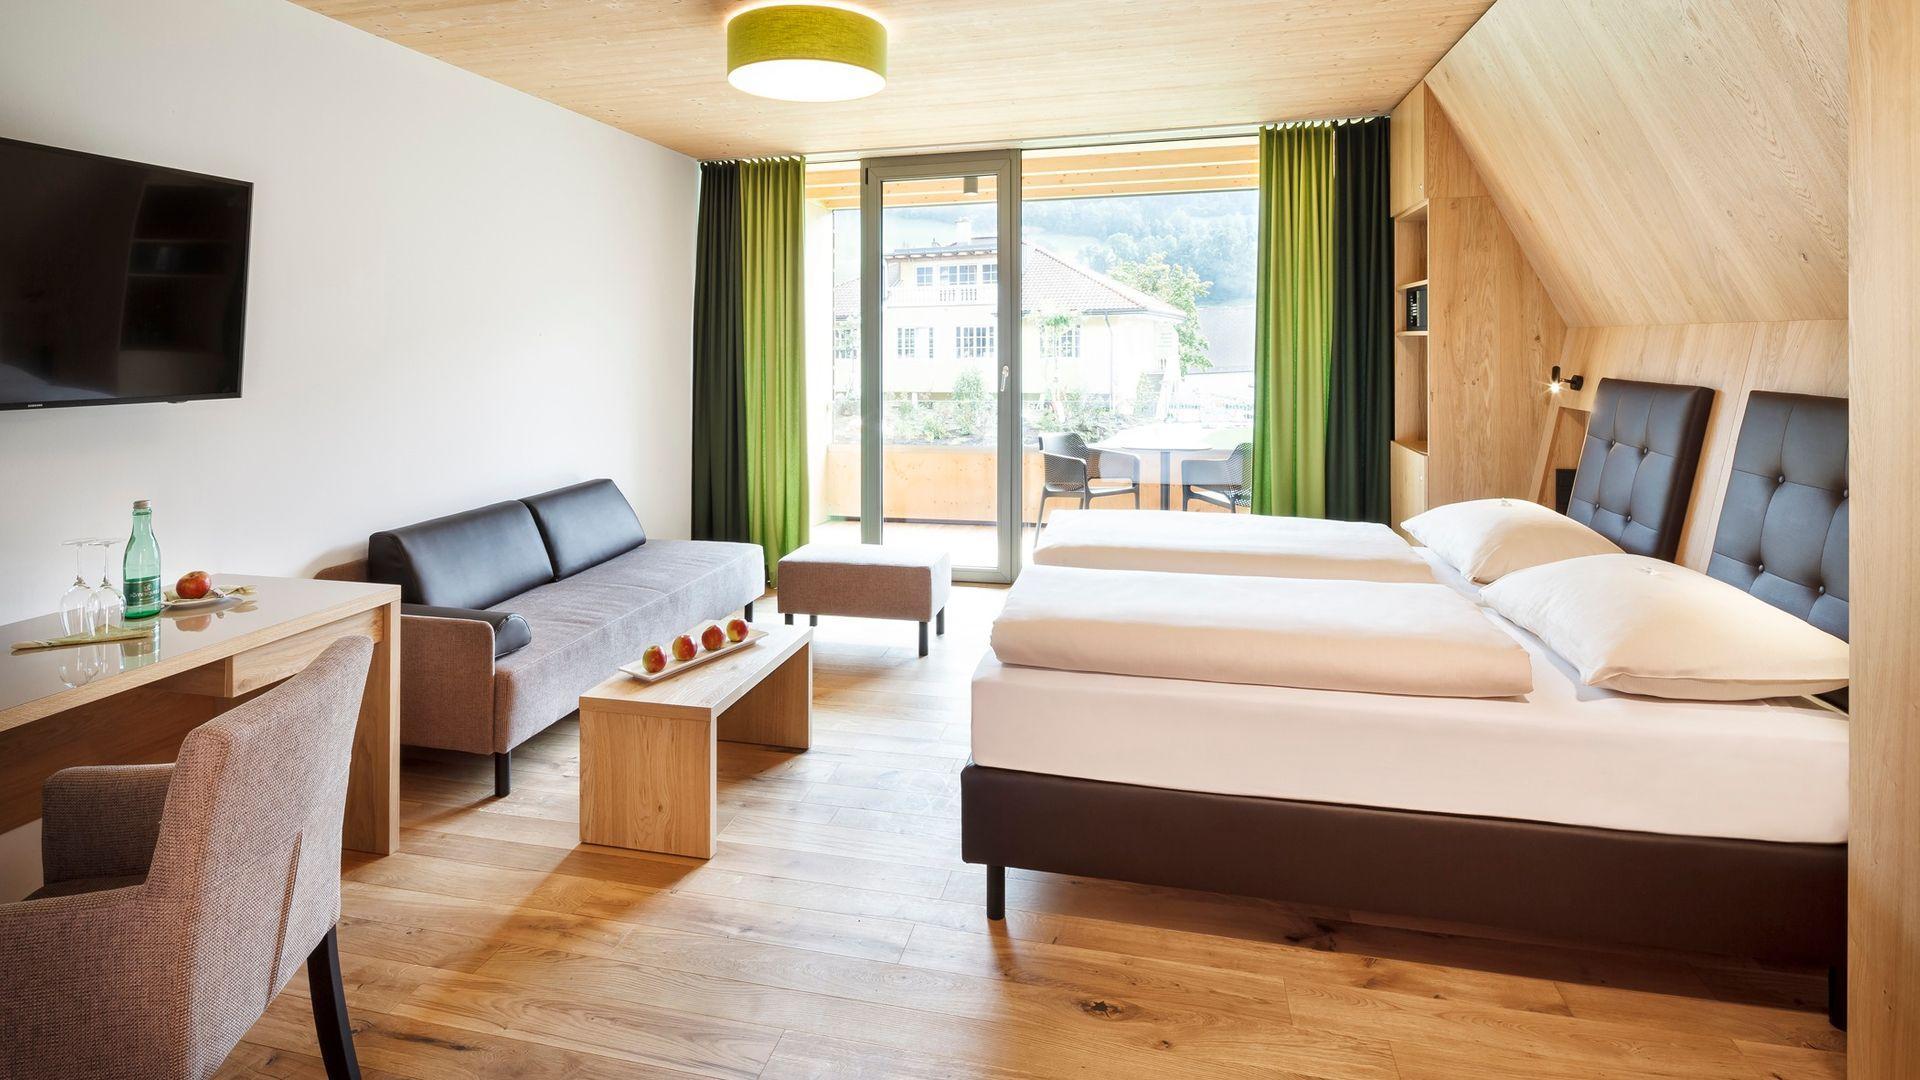 4* Reschenhof Landhotel